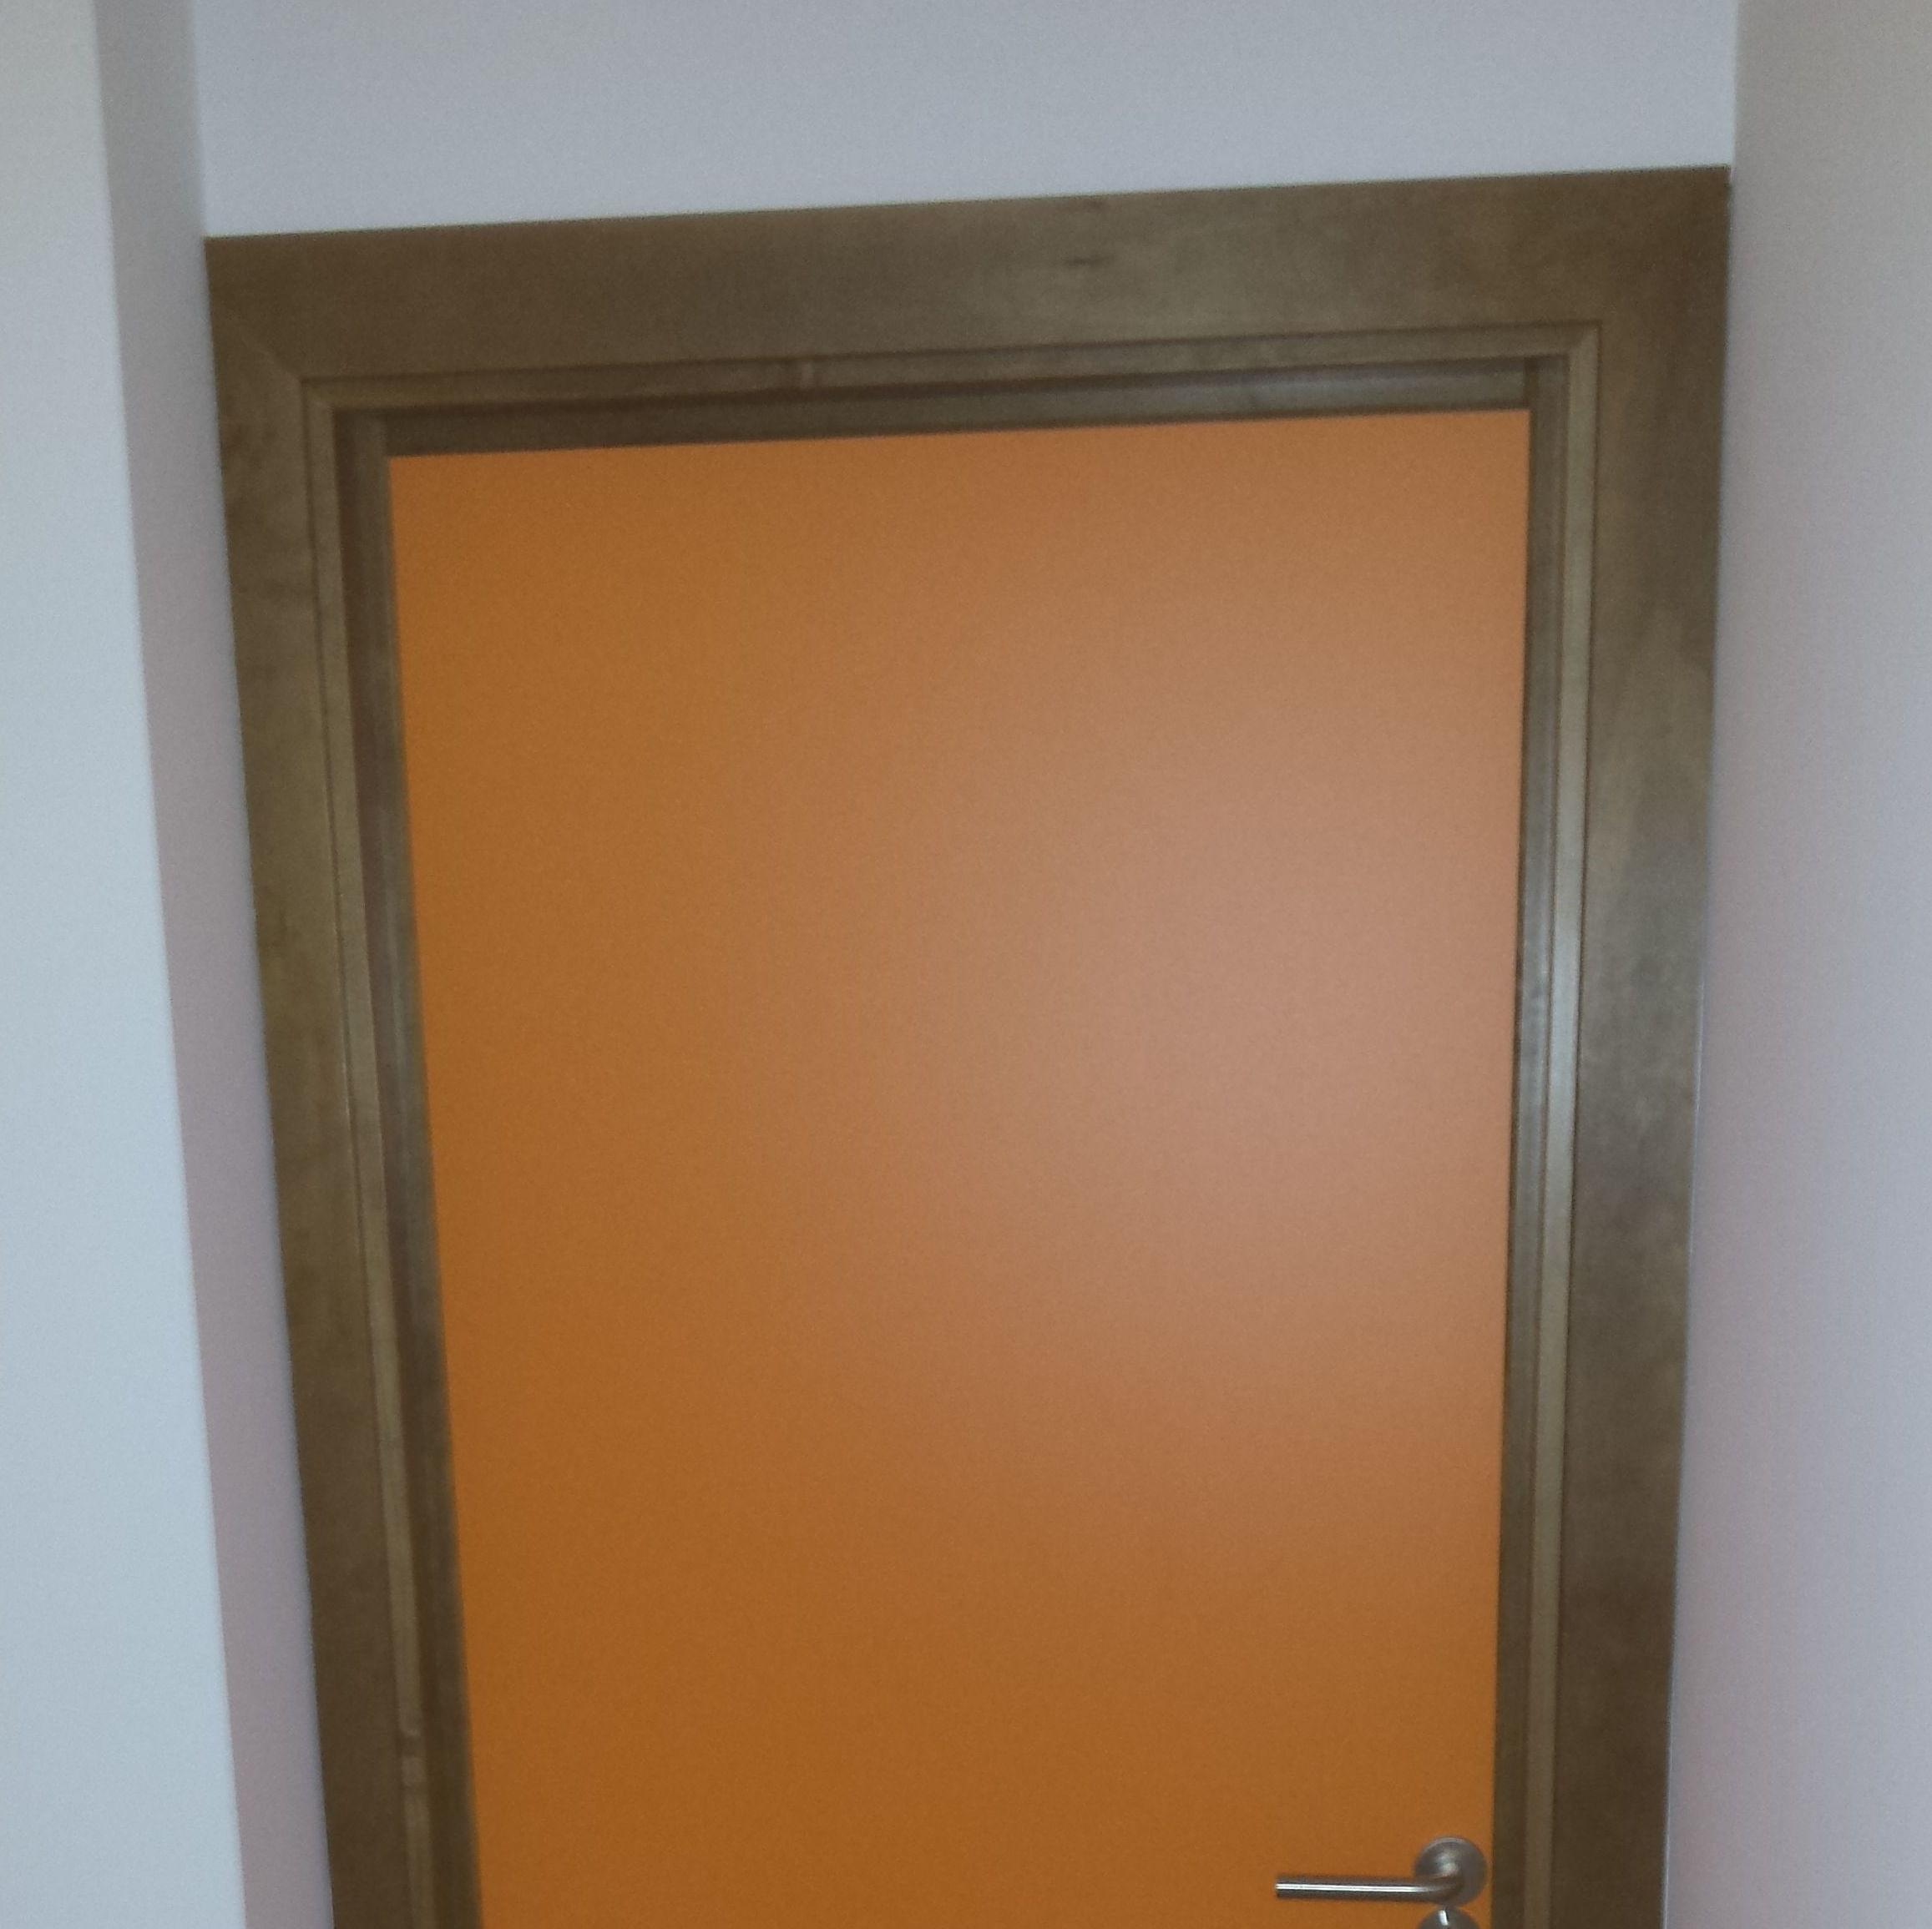 Puertas de melamina colores en cuenca - Puertas de melamina ...